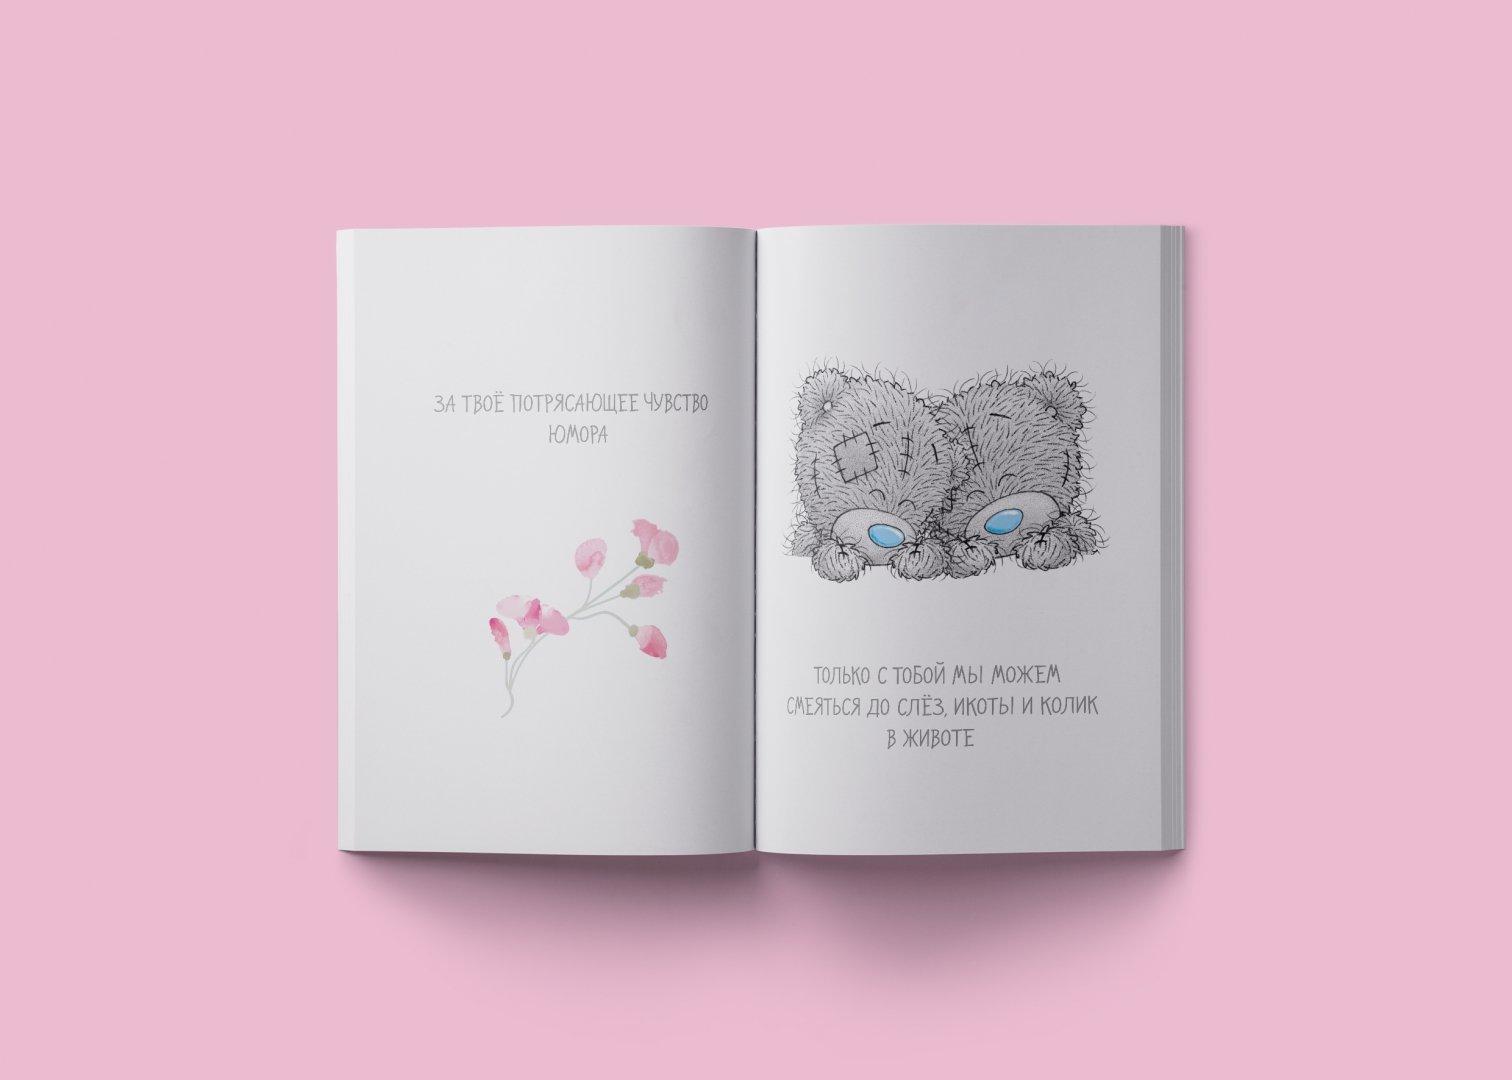 Как подписать открытку другу от меня и подруги детства